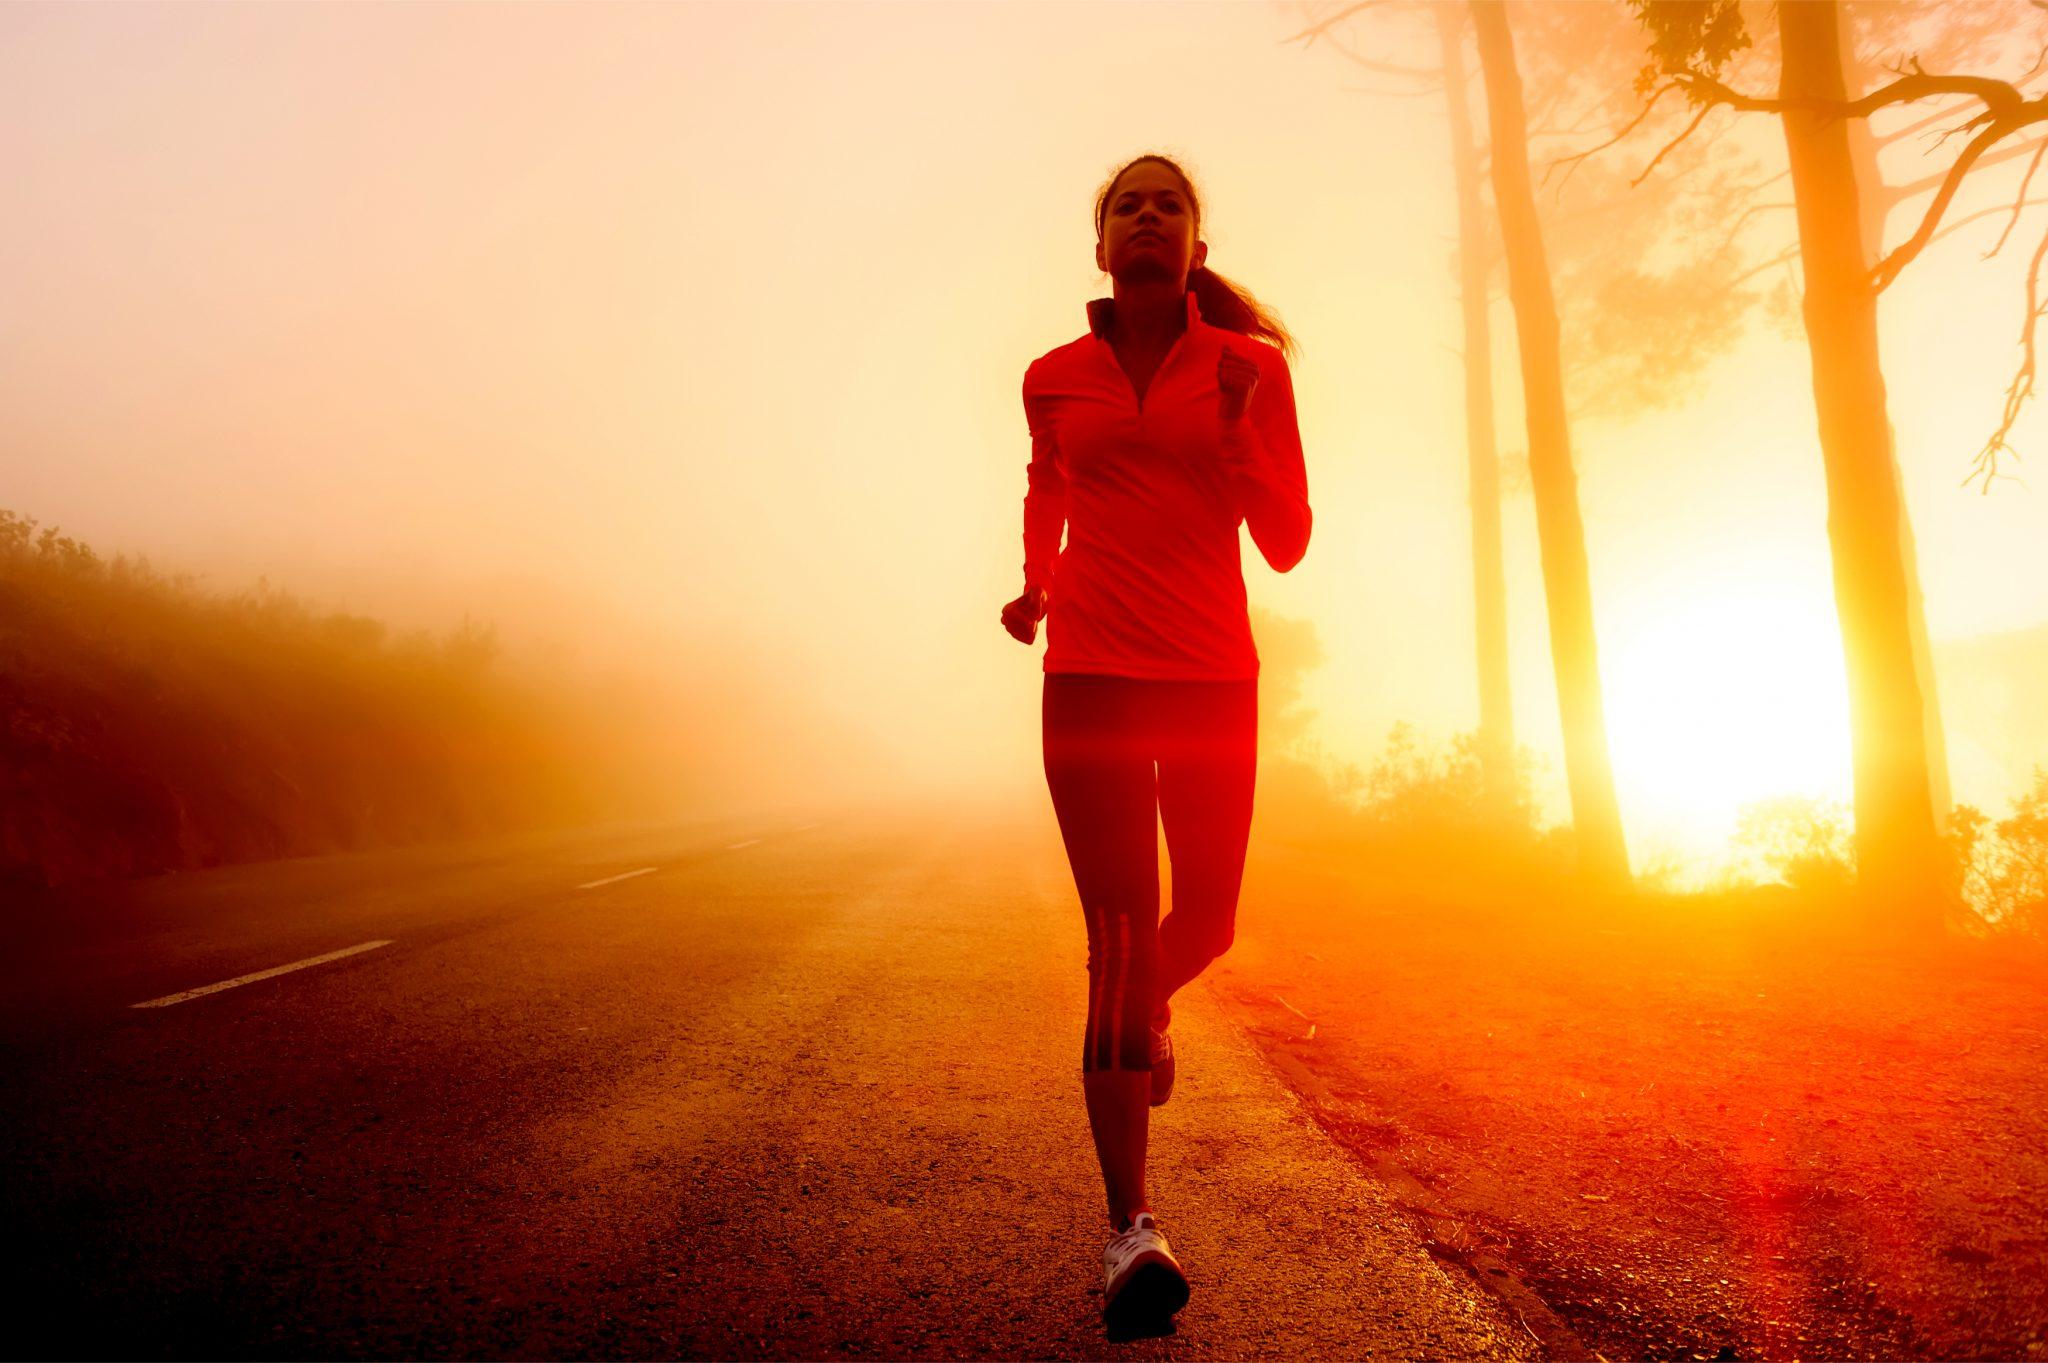 冬の早朝にジョギングをしている女性